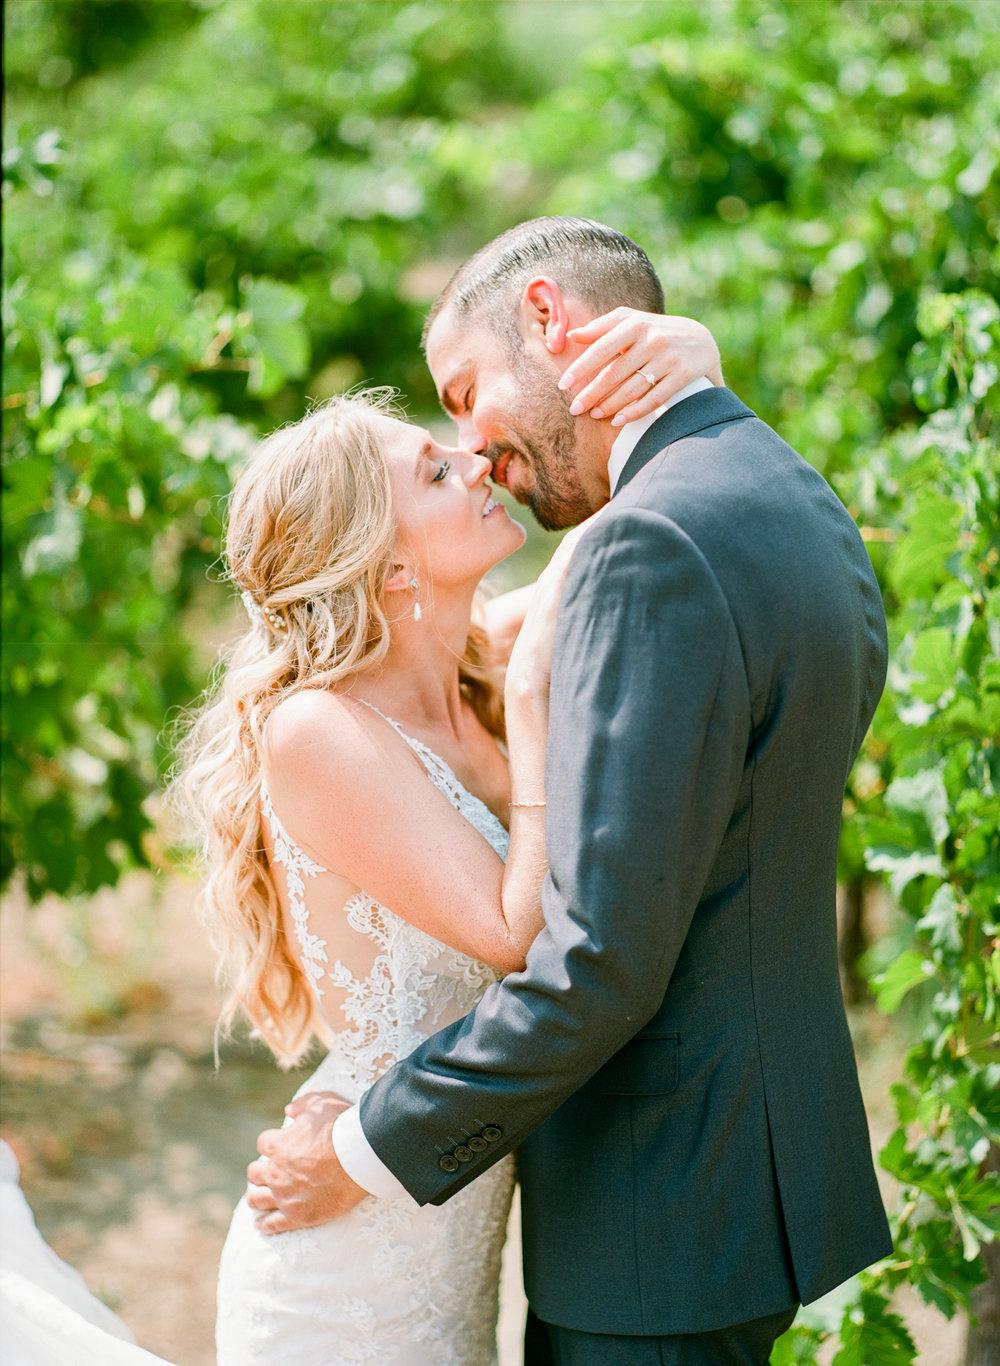 dennisroycoronel_ashleyanthony_vanessahudgens_austinbutler_wedding_losangeles_photographer-110.jpg